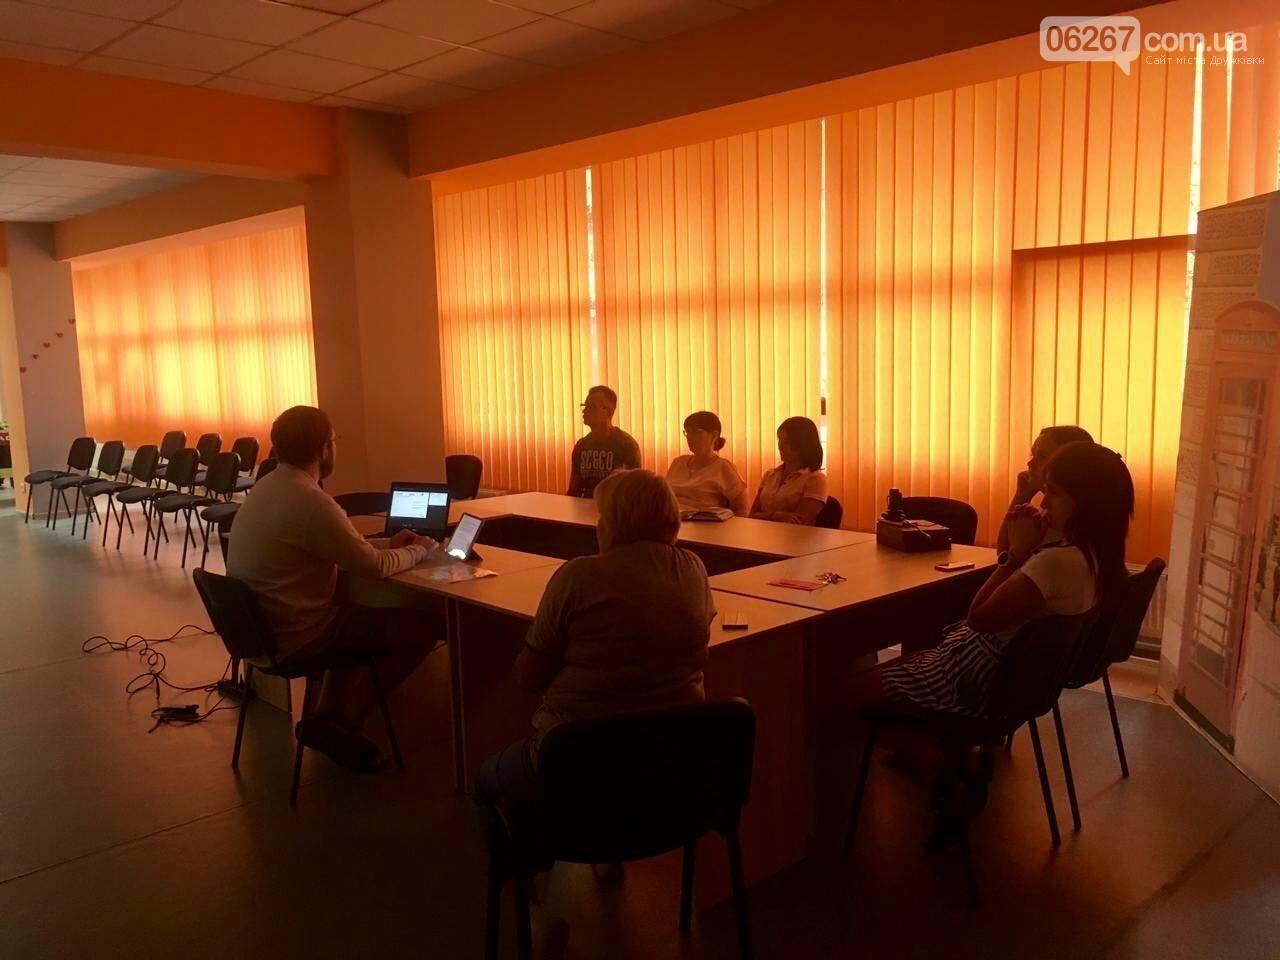 Прифронтові міста Донеччини готуються до першої Конференції прифронтових громад, фото-7